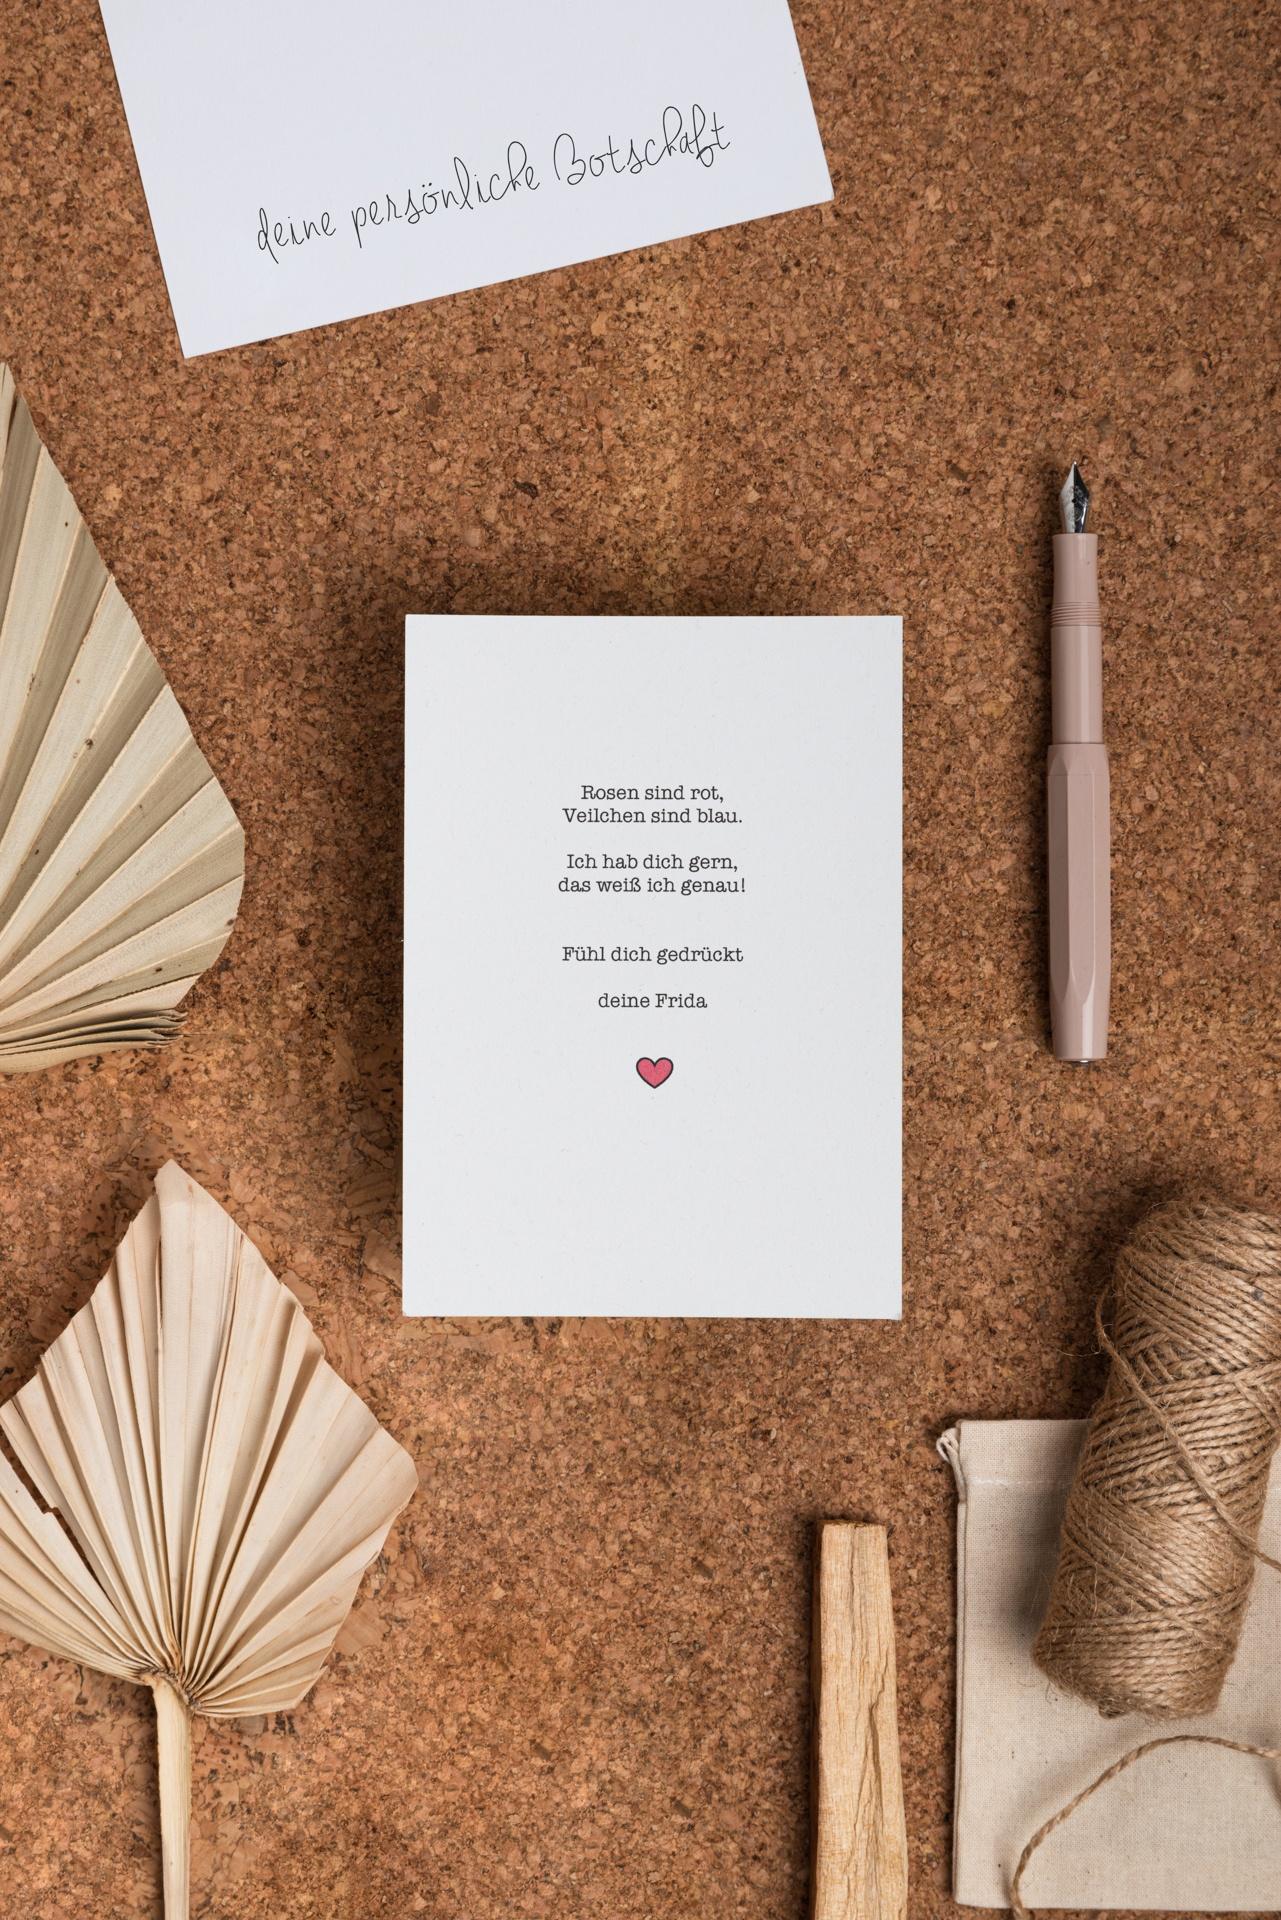 Persönliche Botschaft Karte Gedicht Upgrade